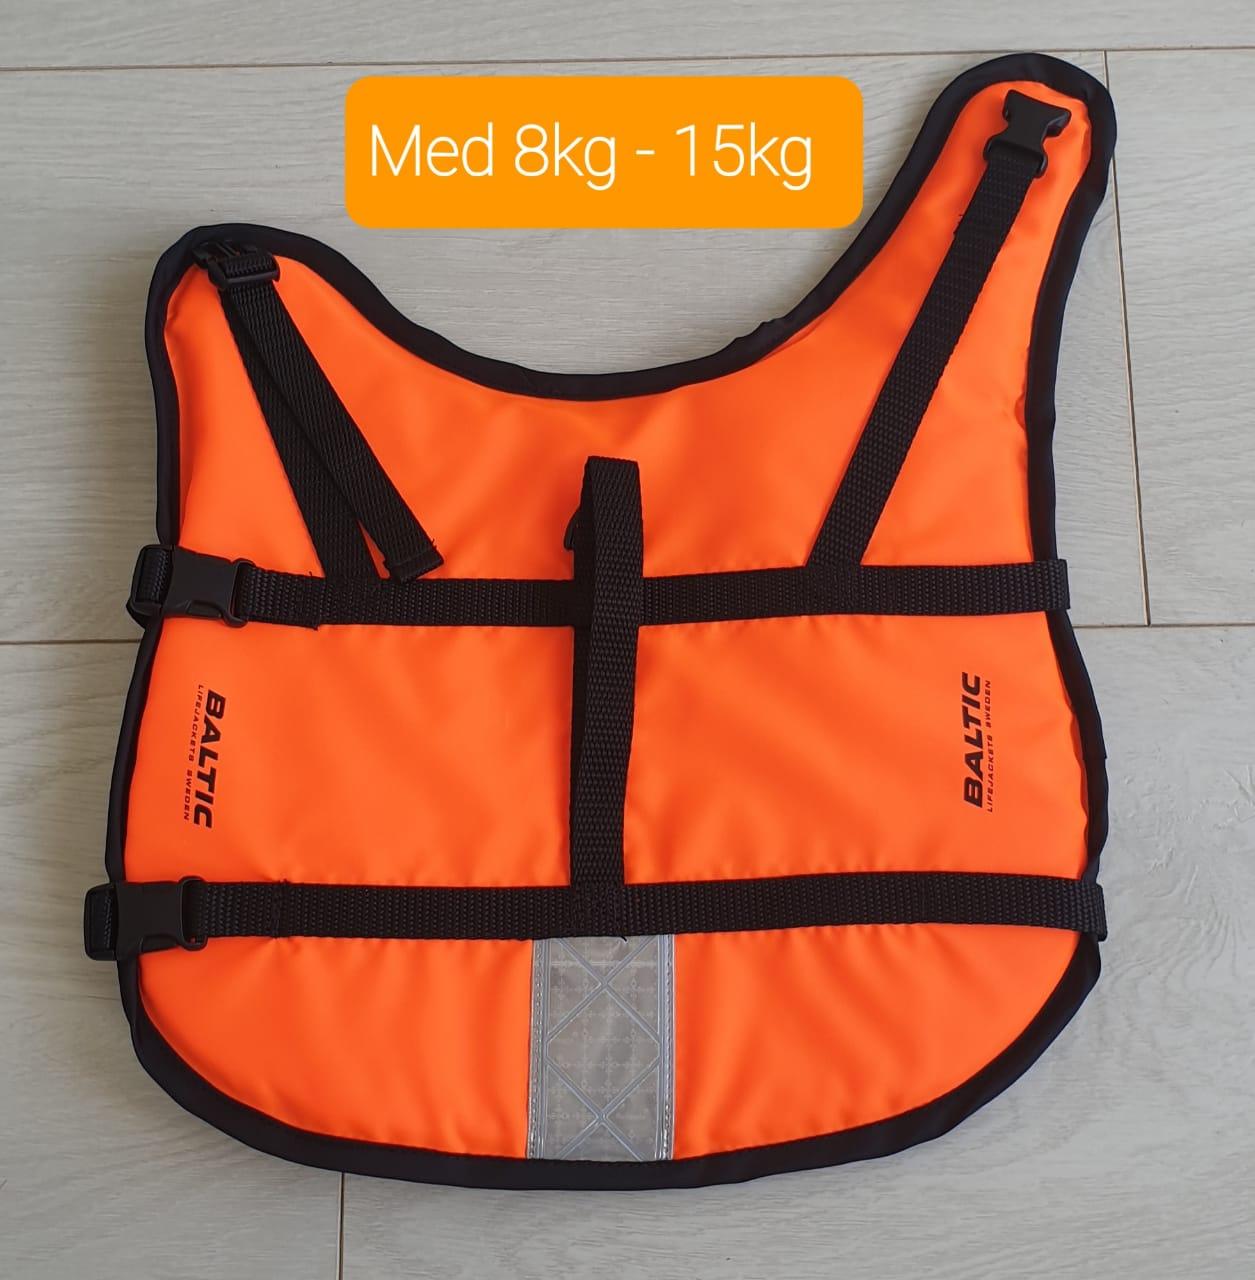 medium-8kg-&ndash-15kg